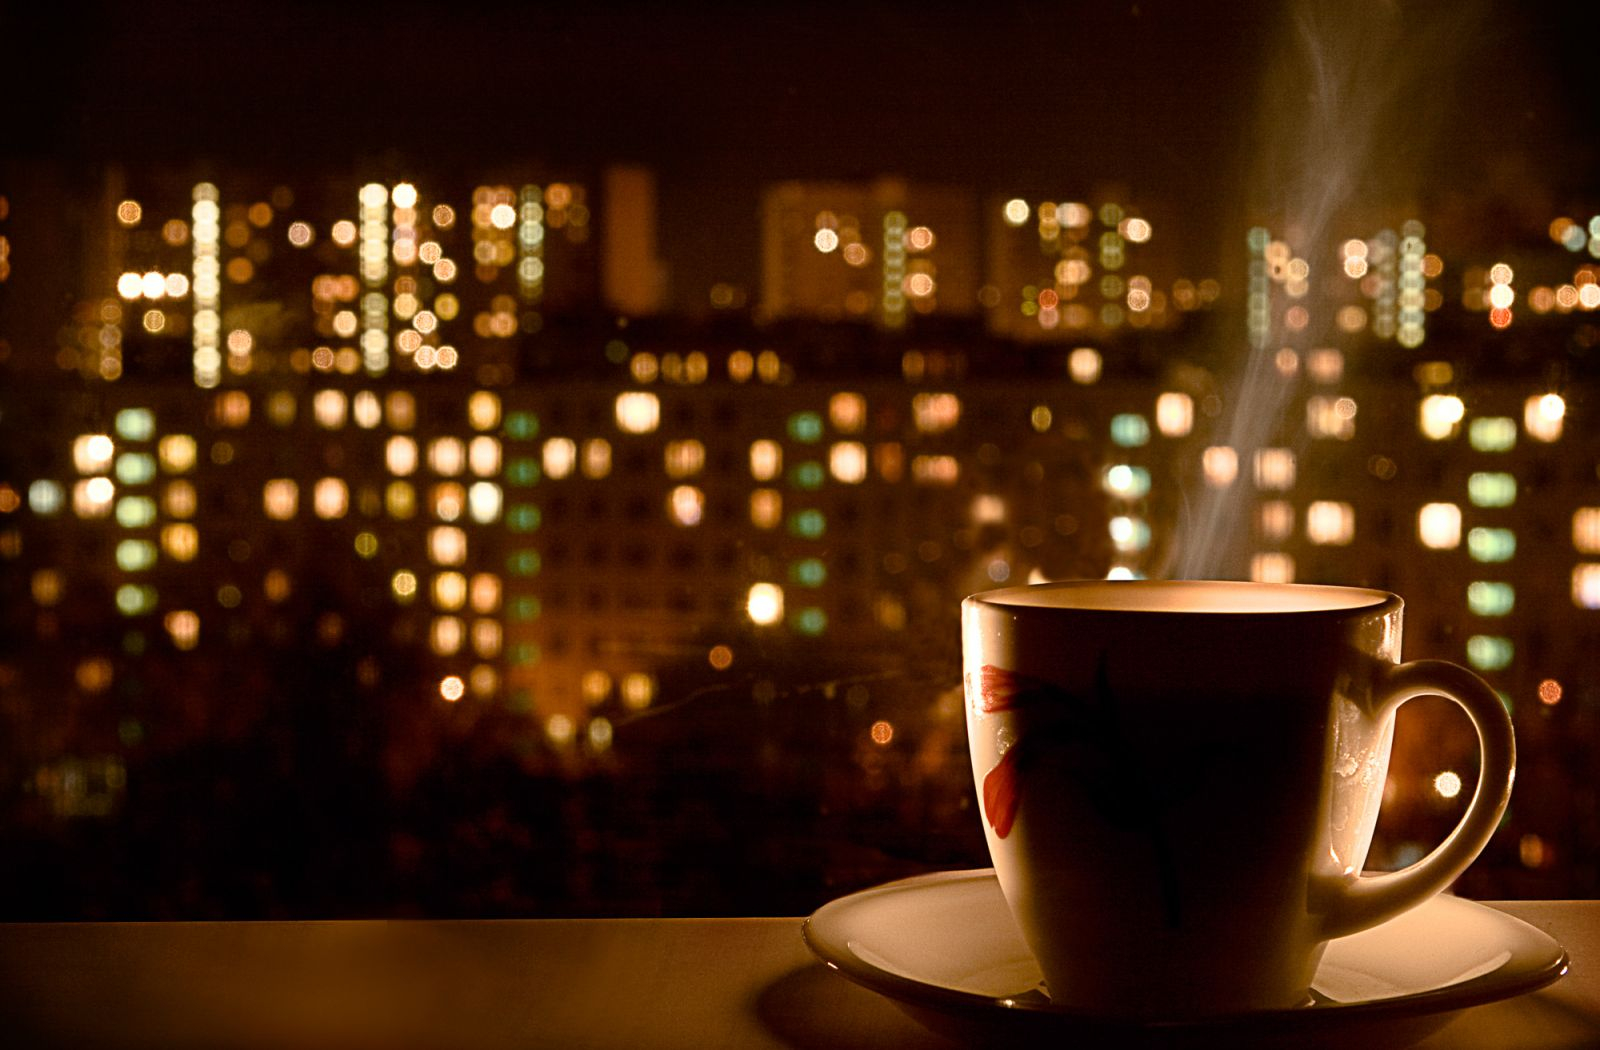 Кофе на ночь. что будет, если употреблять напиток перед сном?